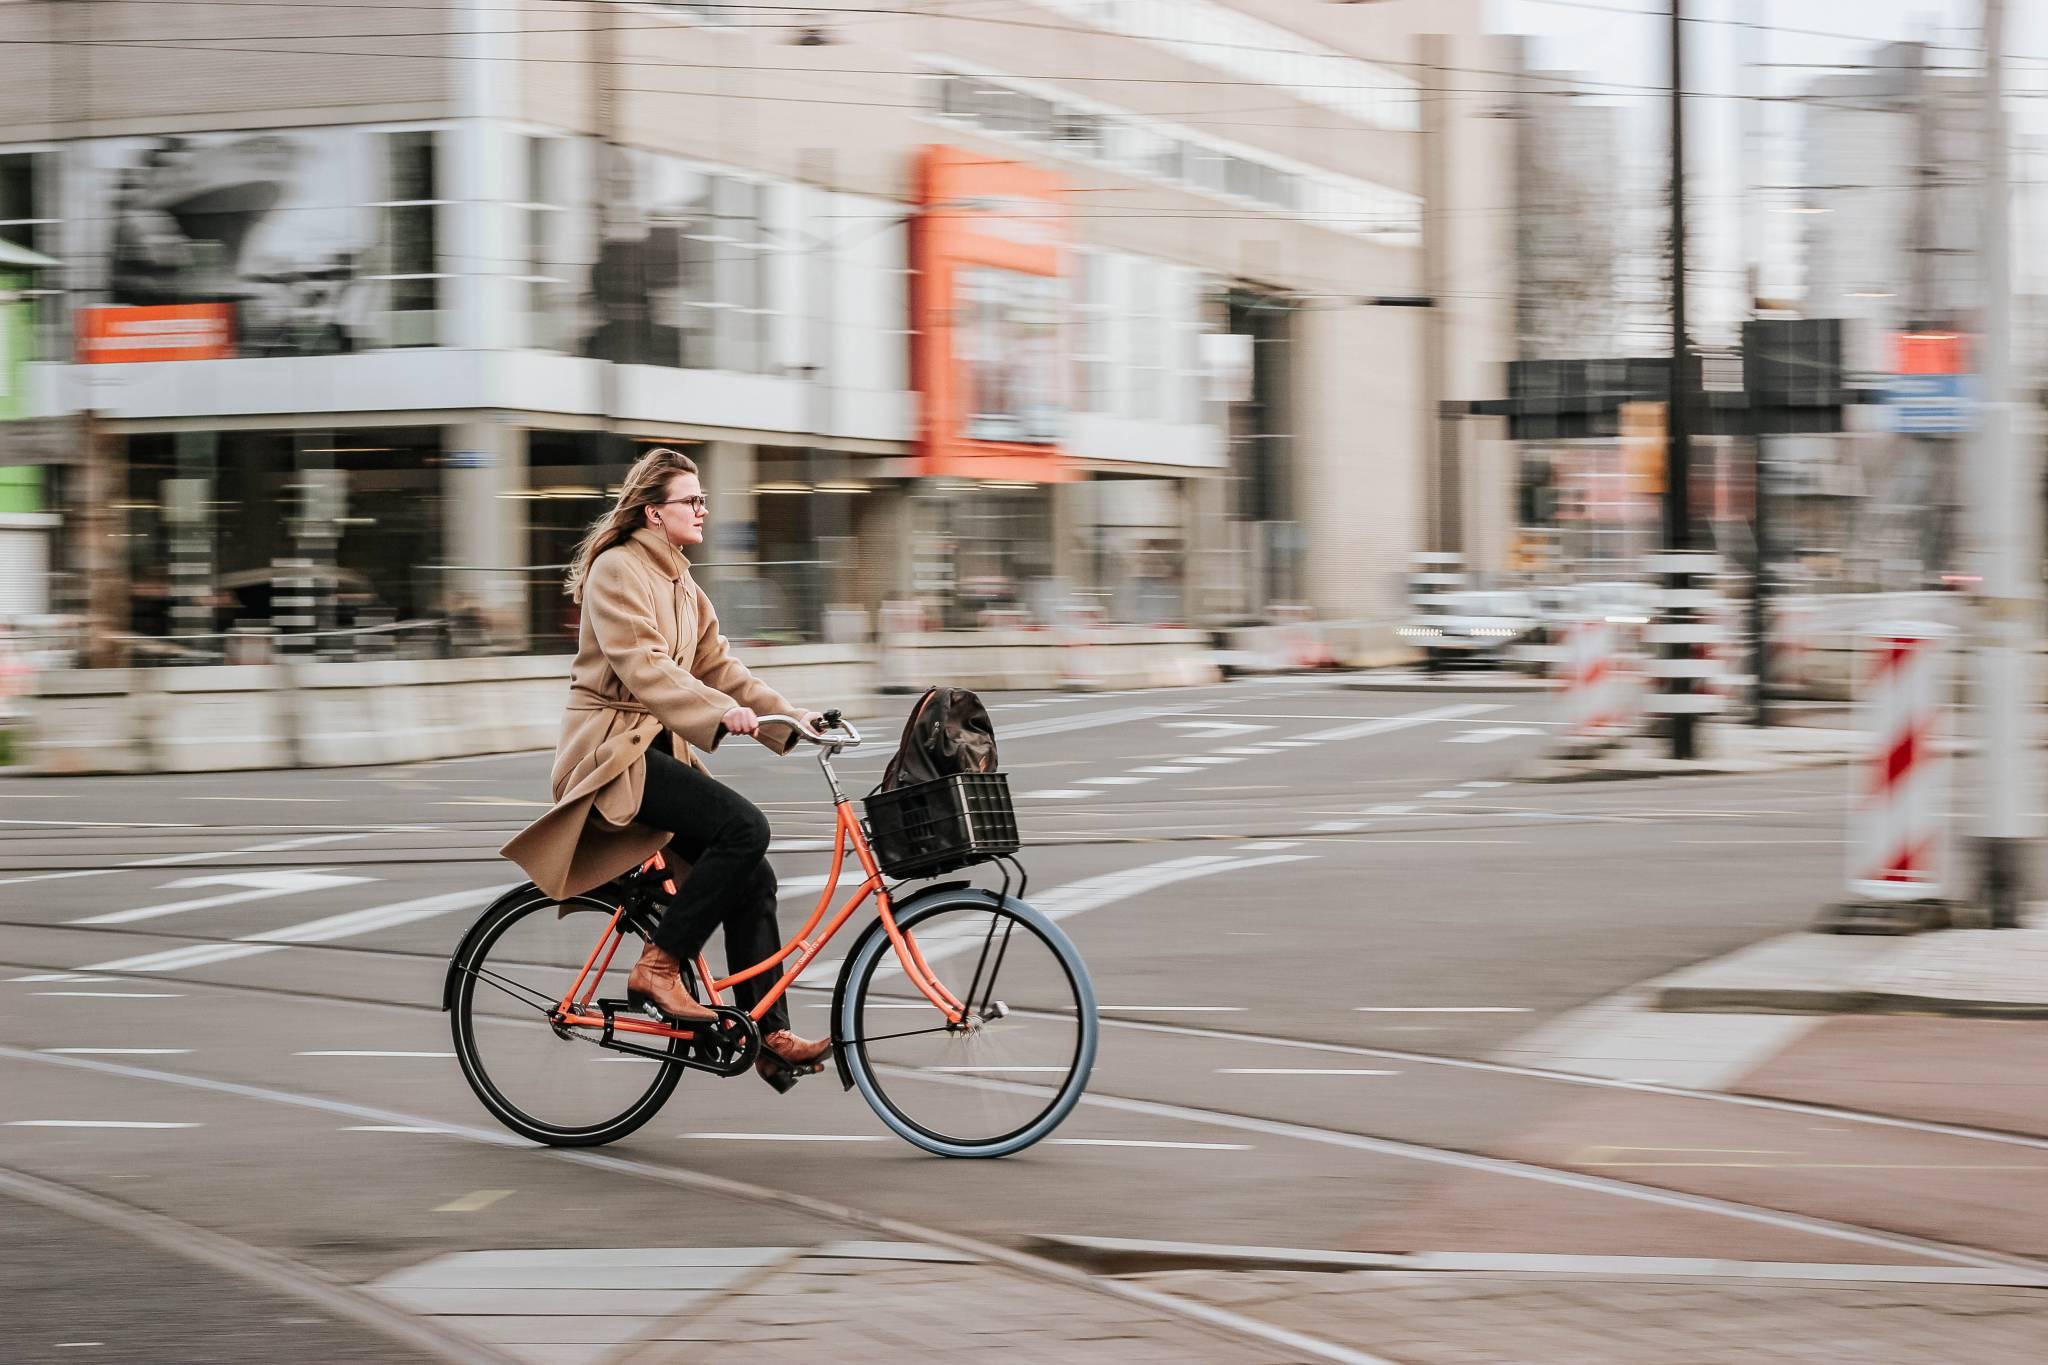 Ekologicznie i zdrowo, czyli dlaczego warto uczynić rower swoim środkiem transportu